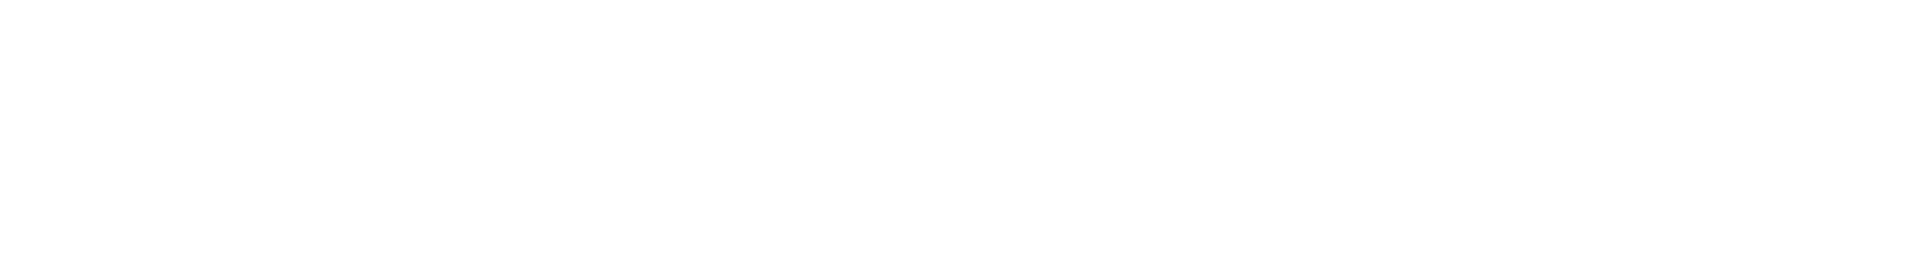 Ya es navidad en TodoPuertas.net